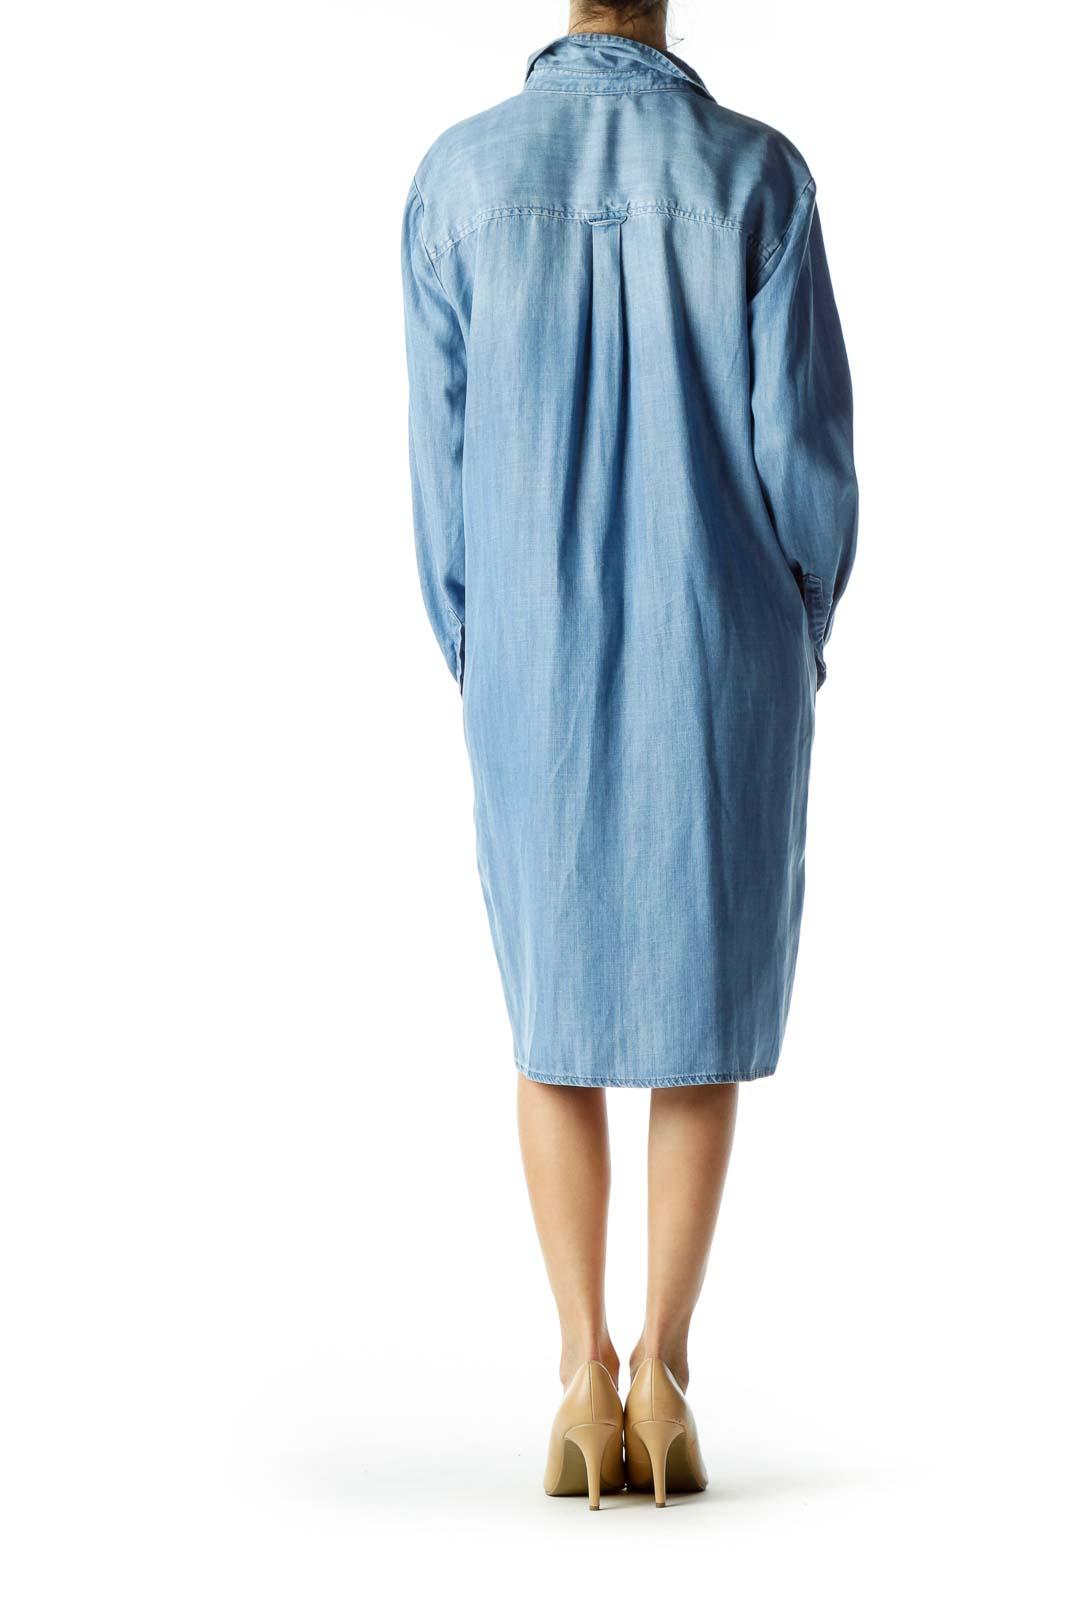 Blue Buttoned Long Sleeve Denim Dress